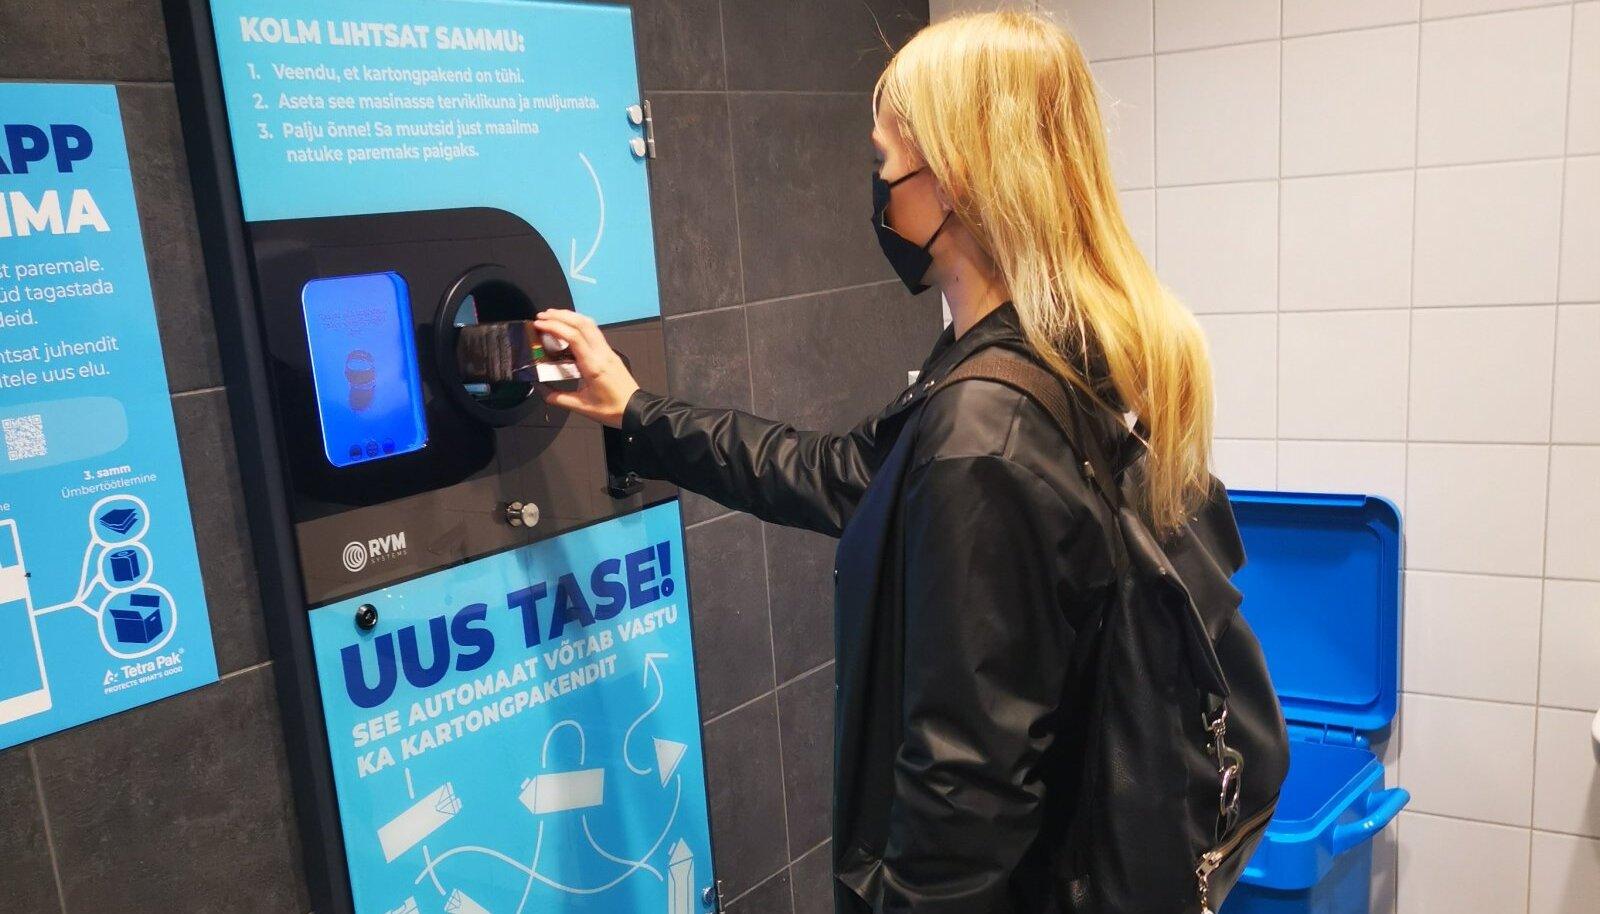 Kartongpakendi tagastusautomaat Ülemiste keskuses.